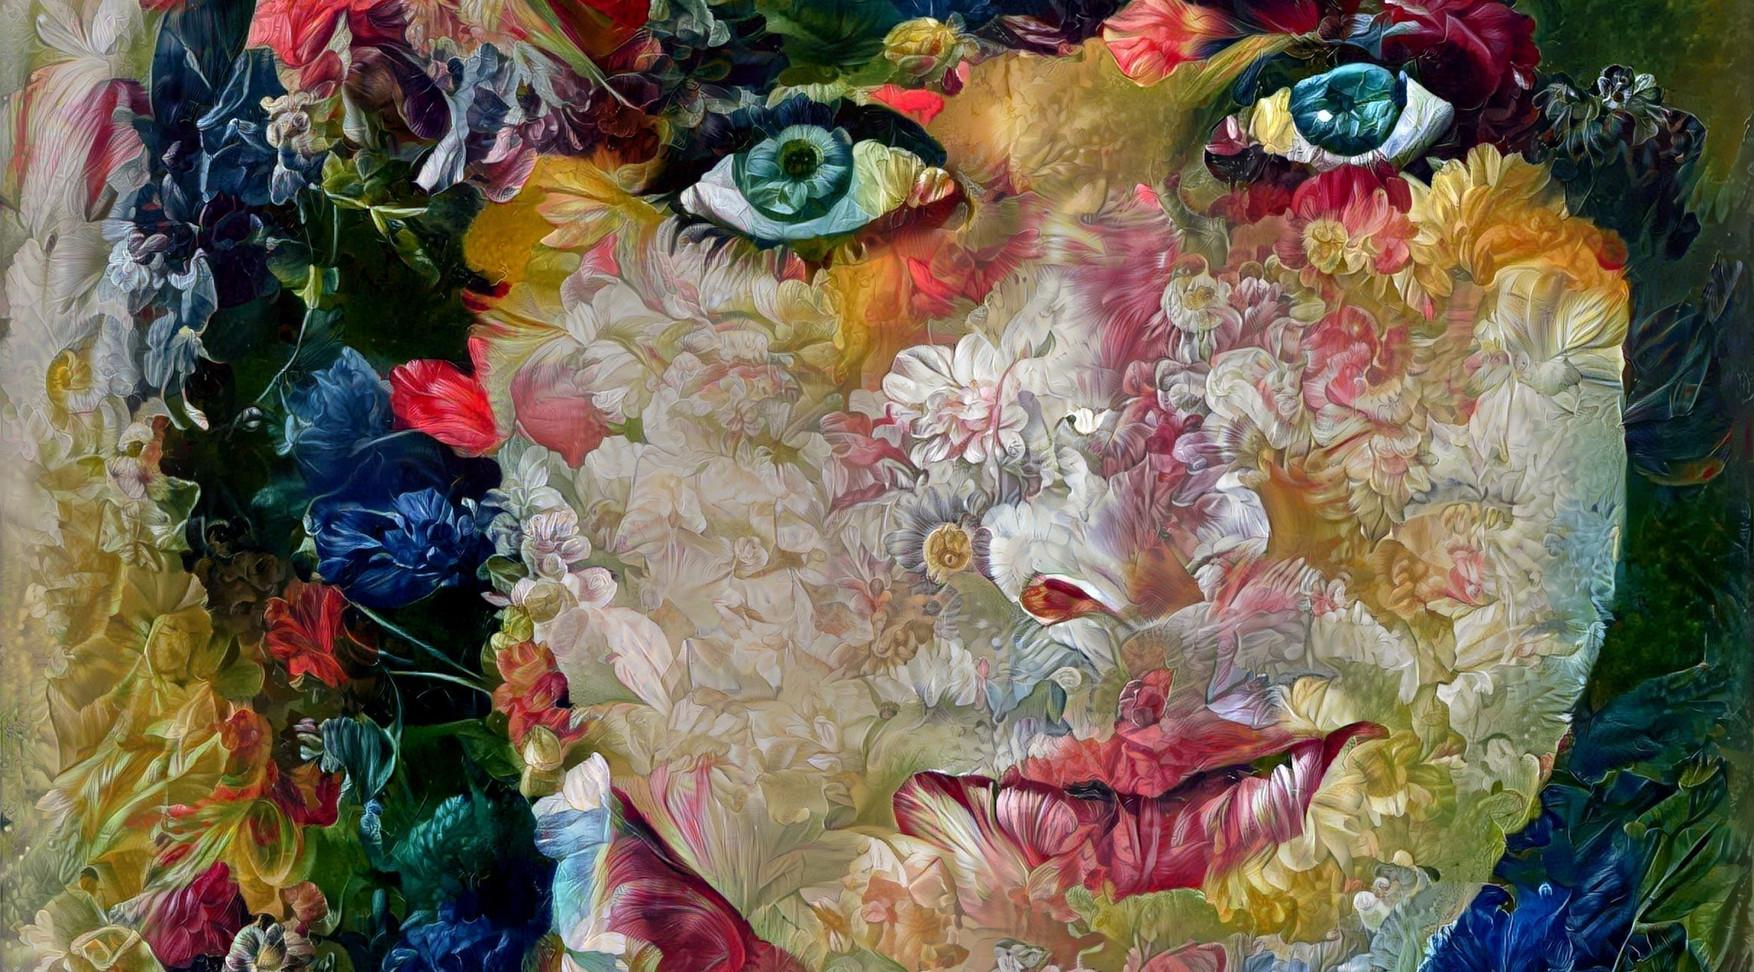 Flower Power Grace Slick